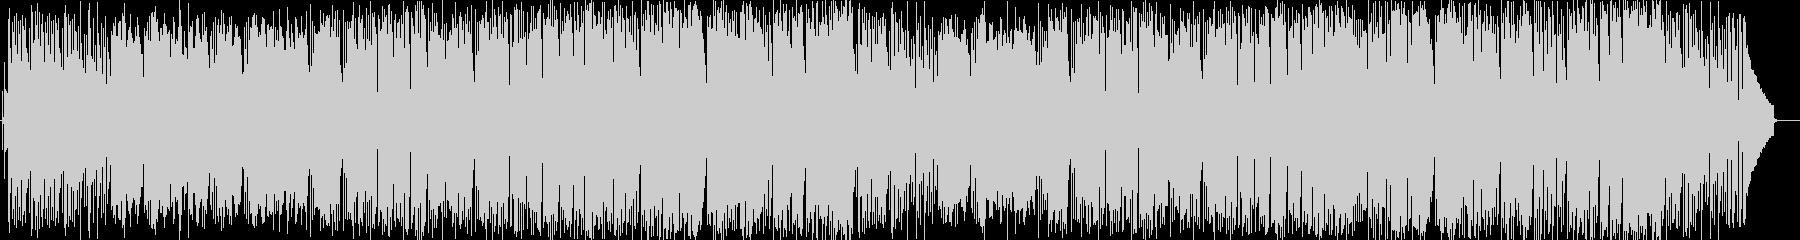 リラックスできるピアノのボサノヴァ曲の未再生の波形